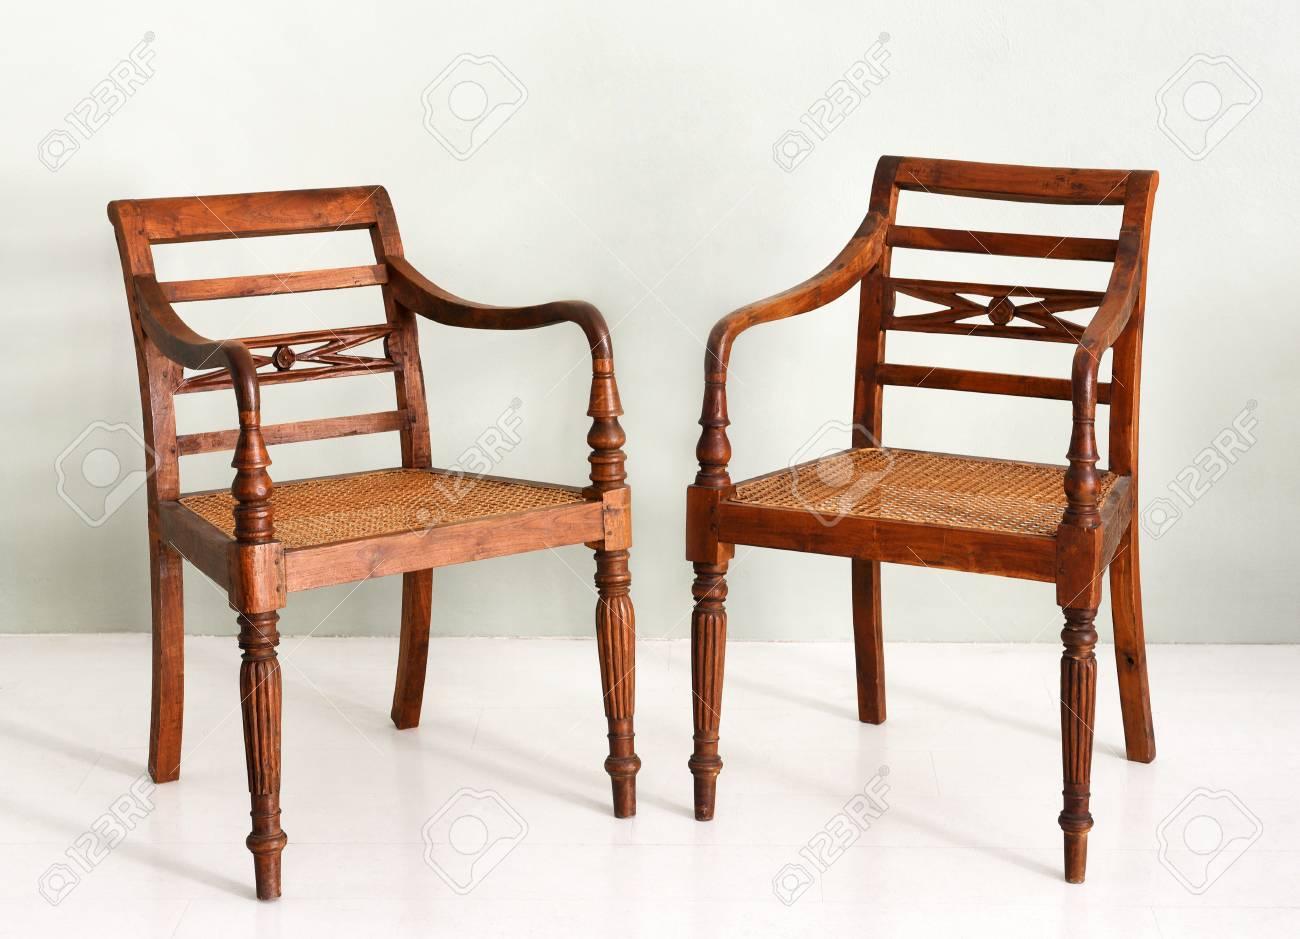 Dos Sillones De Madera De Estilo Colonial Con Patas Giratorias Y ...